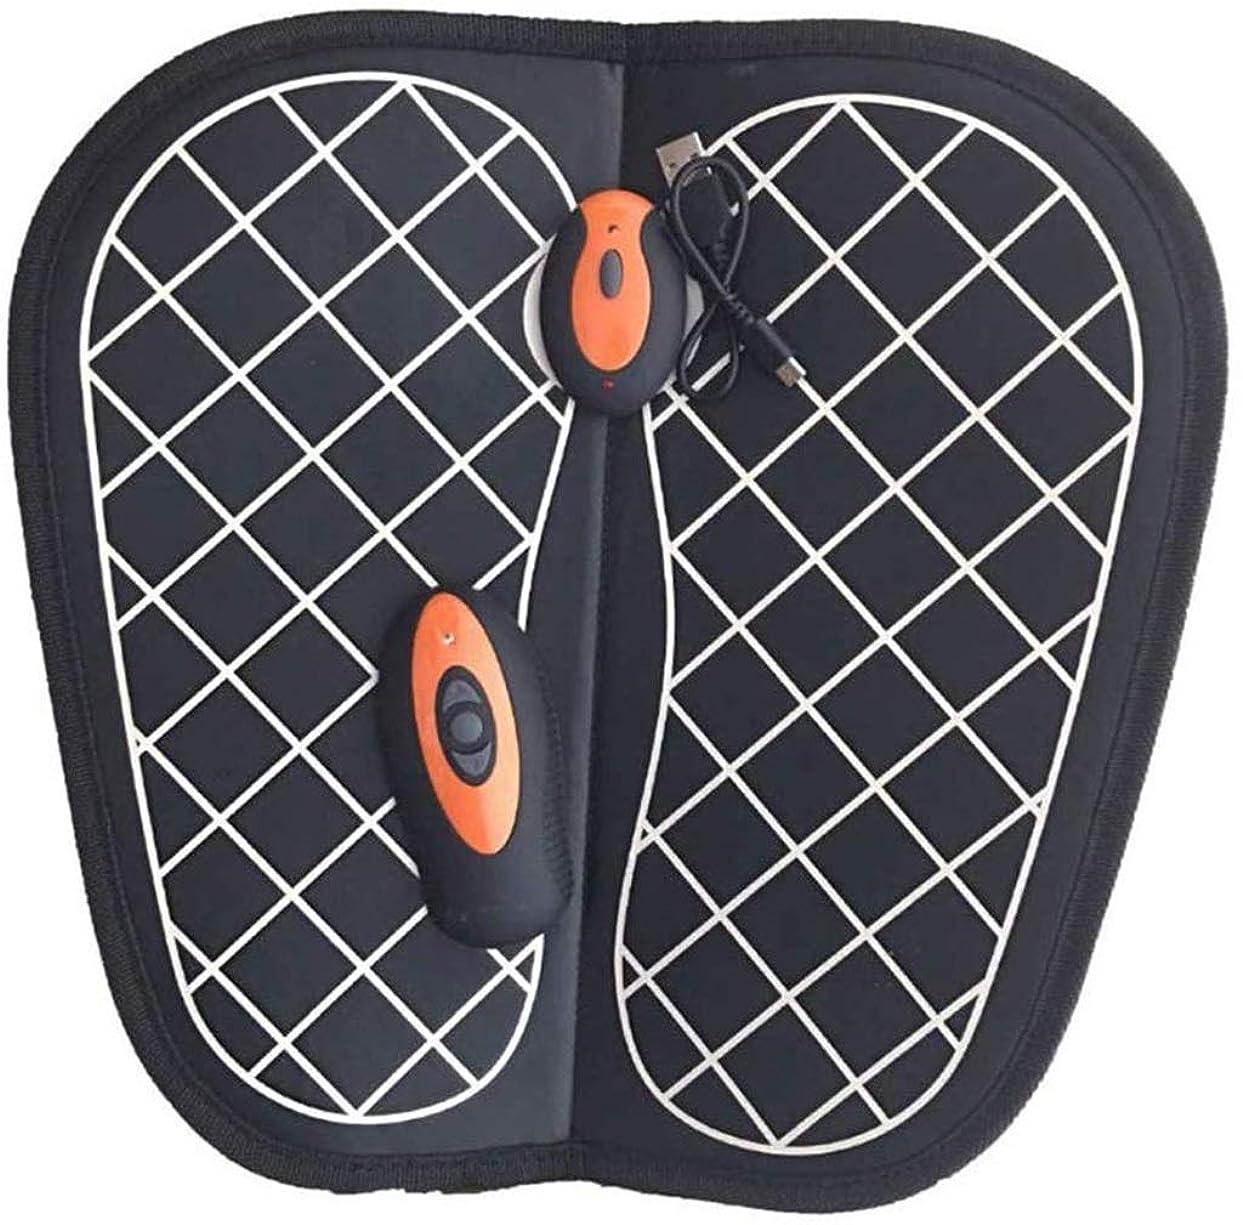 酸度マニア高揚したEMSフットマッサージャー、足底筋膜炎、神経障害、そして疲れた足のための電子筋肉足マッサージ促進血液循環筋肉の痛みを軽減 (Color : Orange)